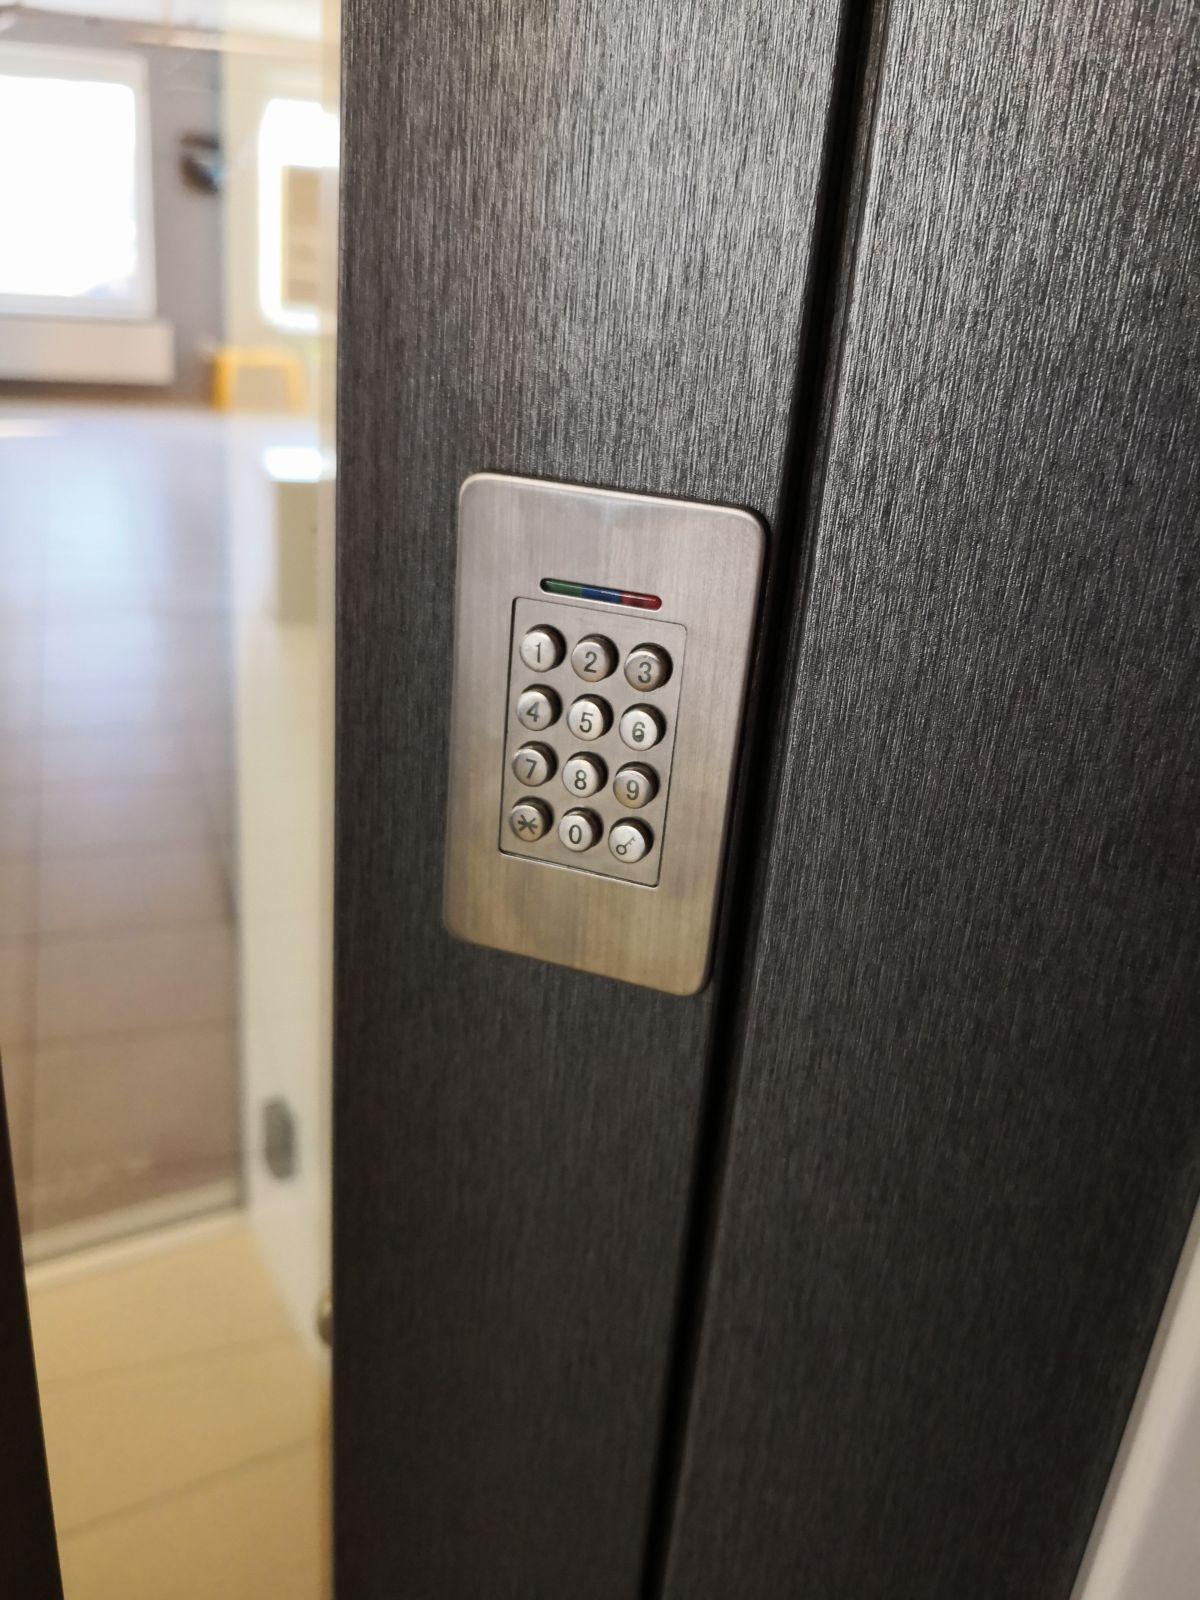 Vchodové dveře a jejich možnosti zabezpečení slide 2